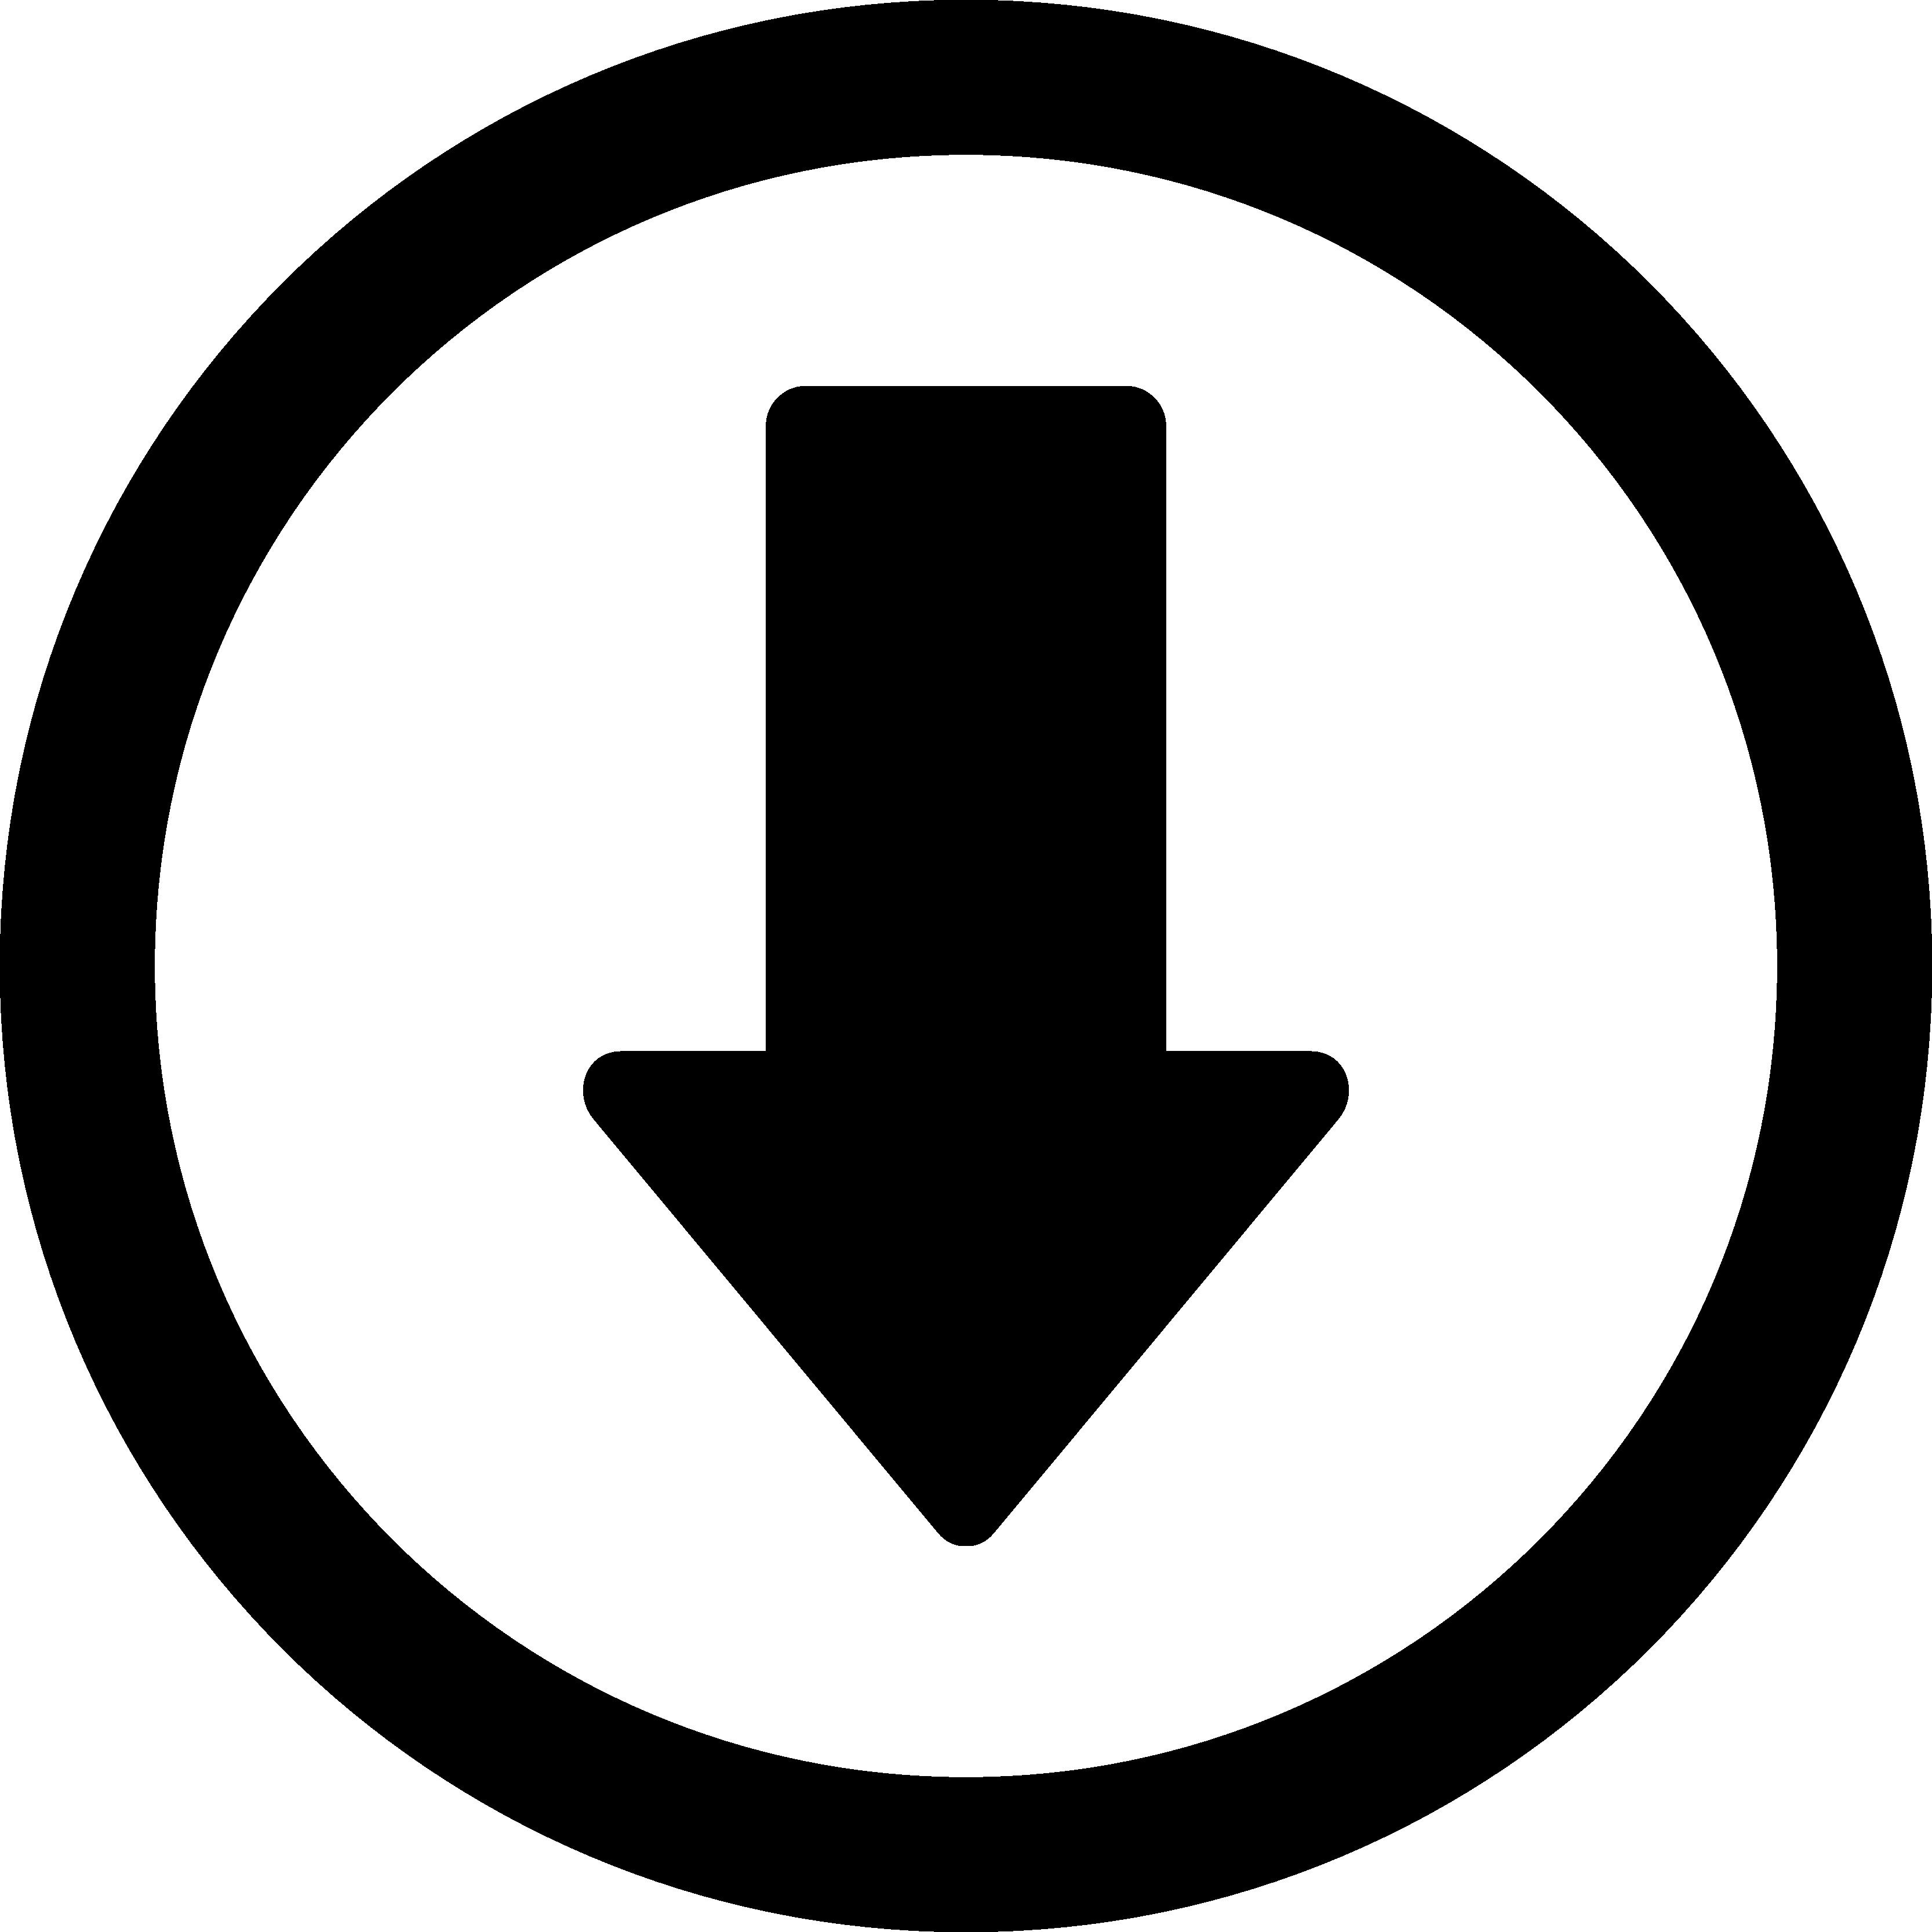 56a466e7e5b4e